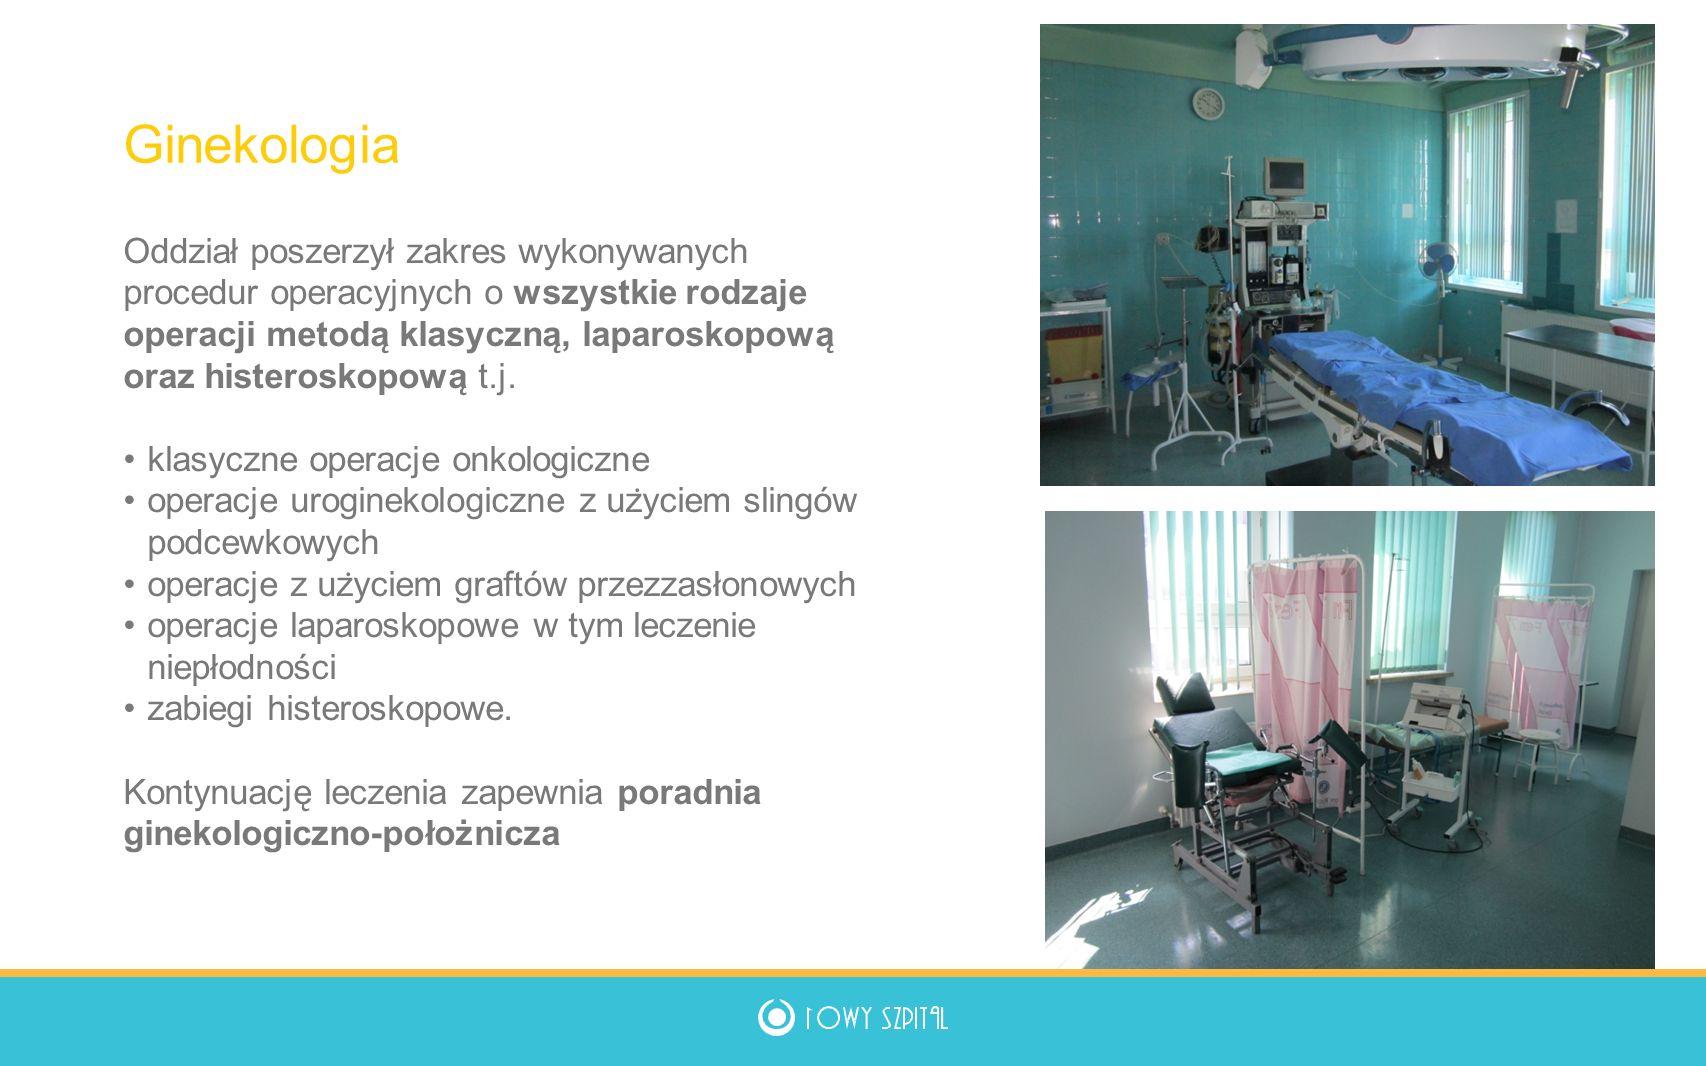 Oddział poszerzył zakres wykonywanych procedur operacyjnych o wszystkie rodzaje operacji metoda ̨ klasyczna ̨, laparoskopowa ̨ oraz histeroskopowa ̨ t.j.